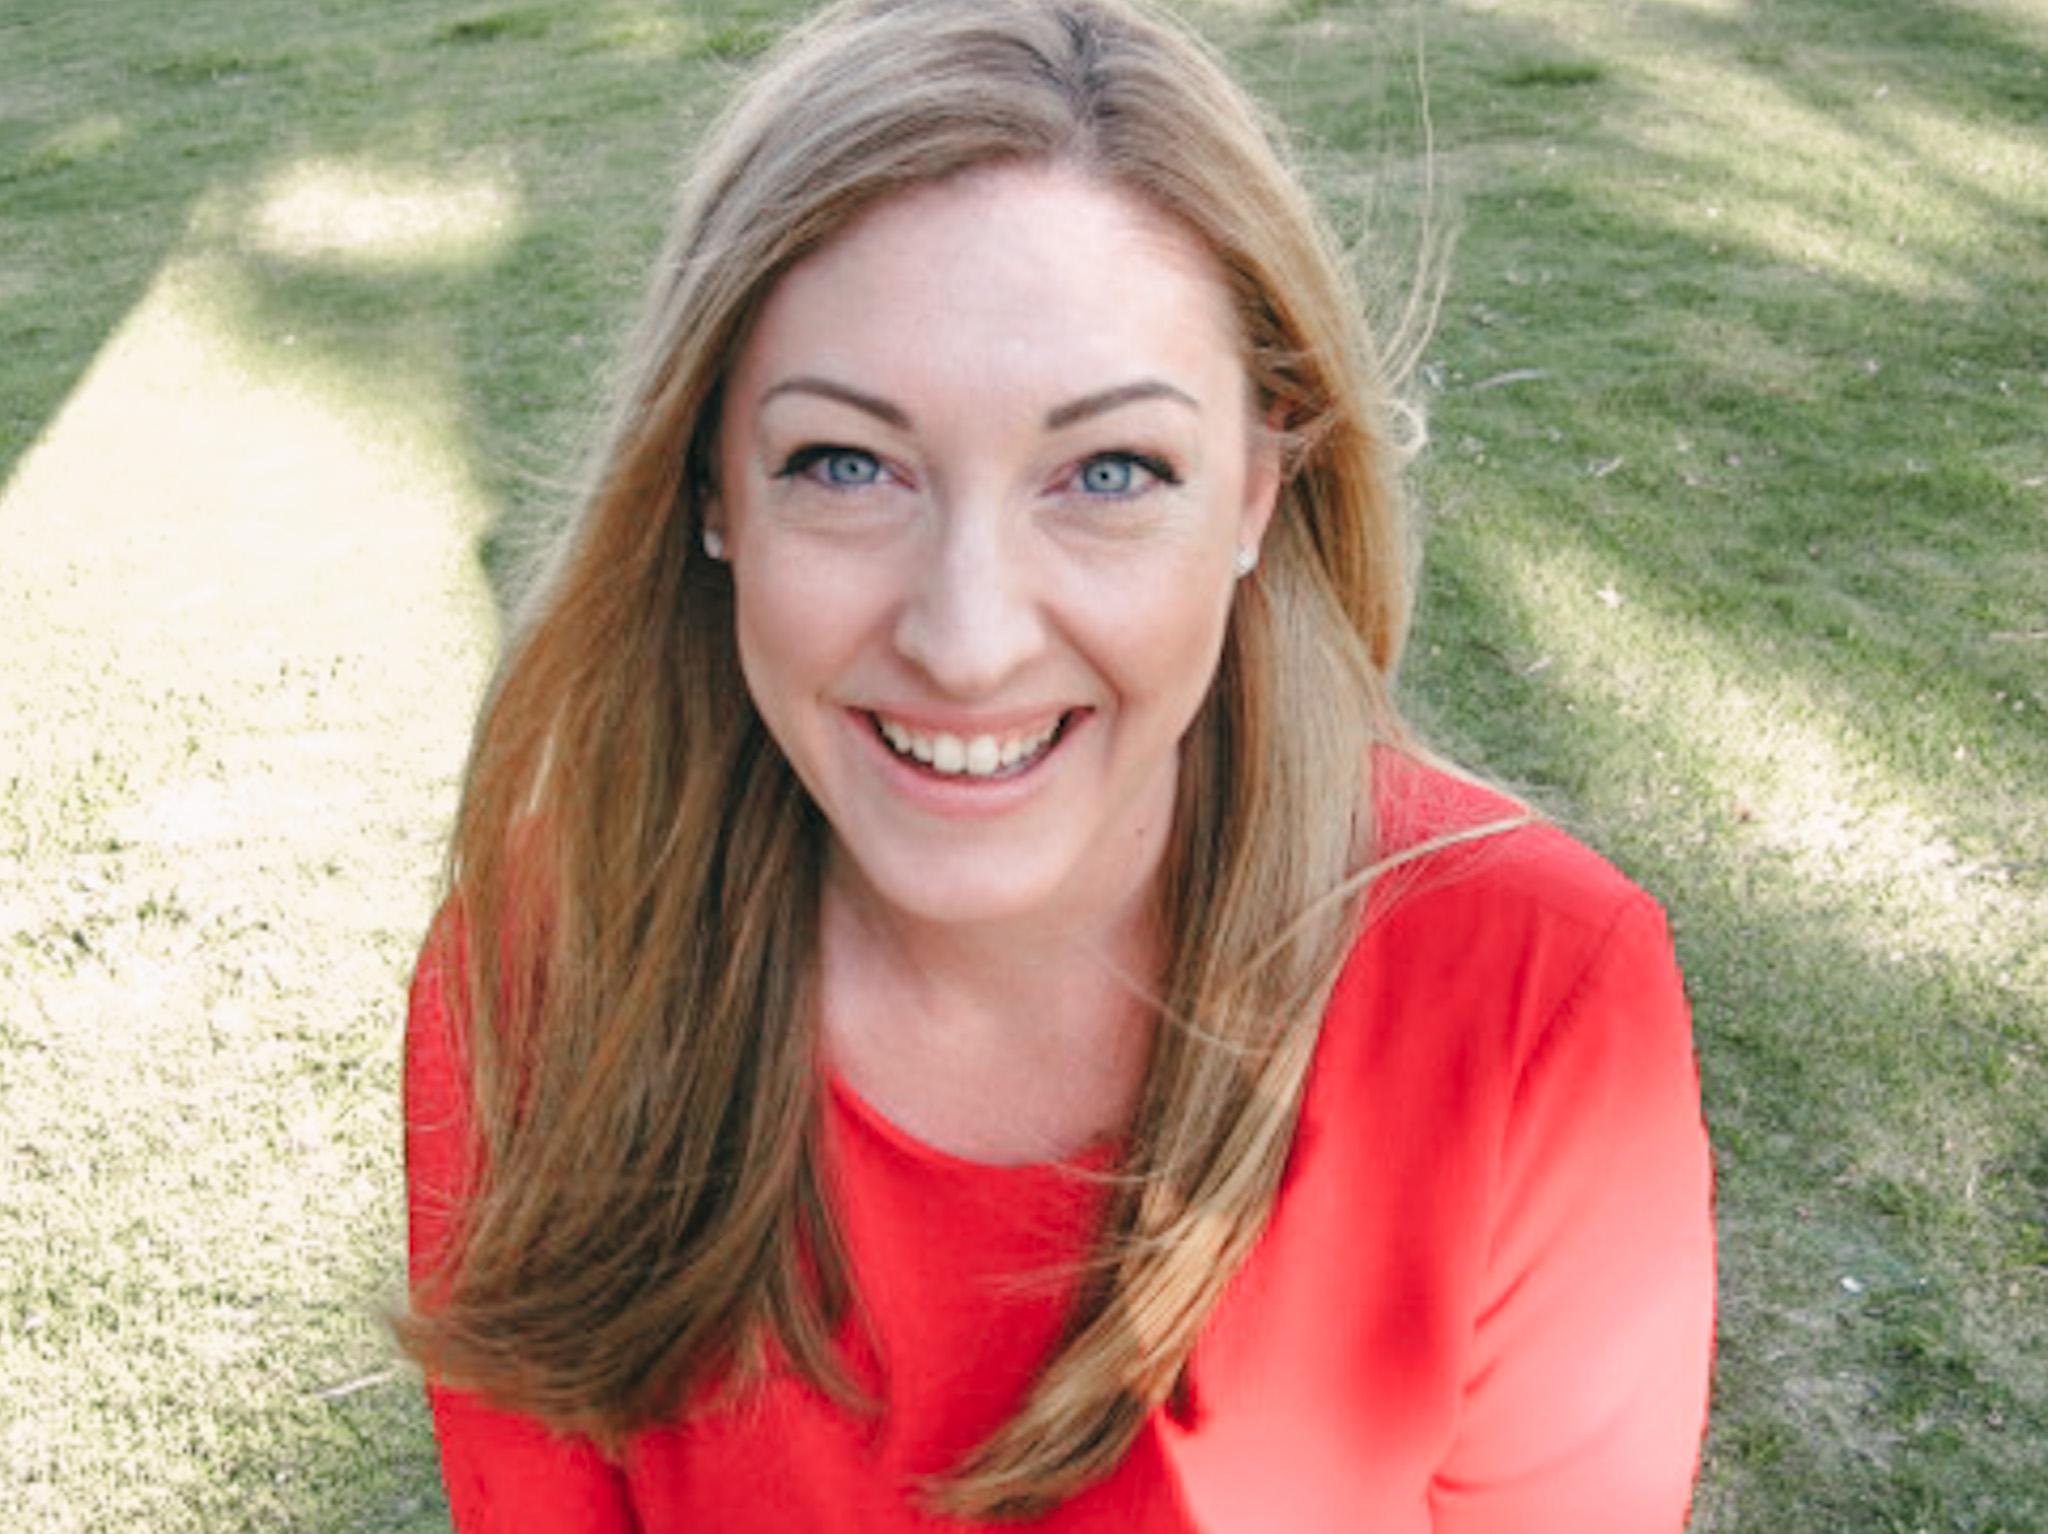 Cantor Sarah Freudenberger